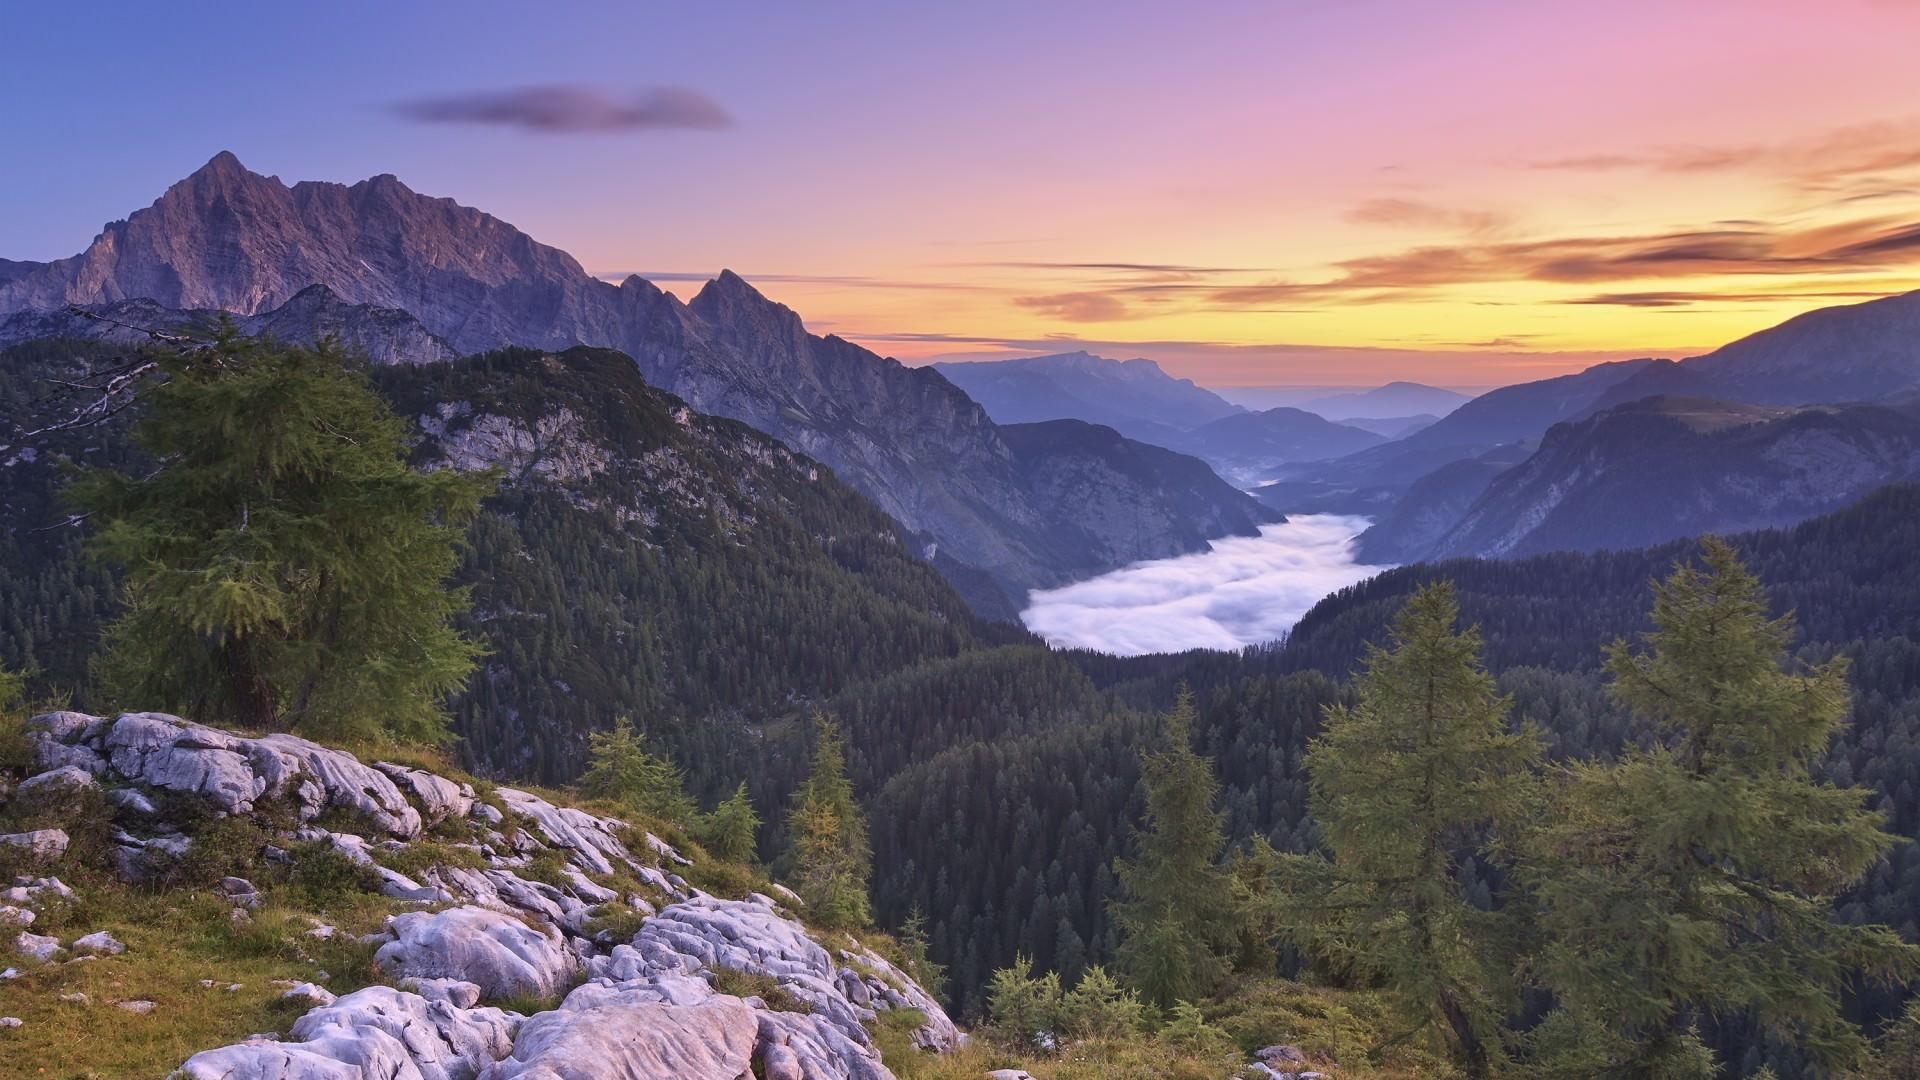 Morgendliche Aussicht vom Feldkogel hinüber zum Watzmann und dem darunter liegenden Königsee